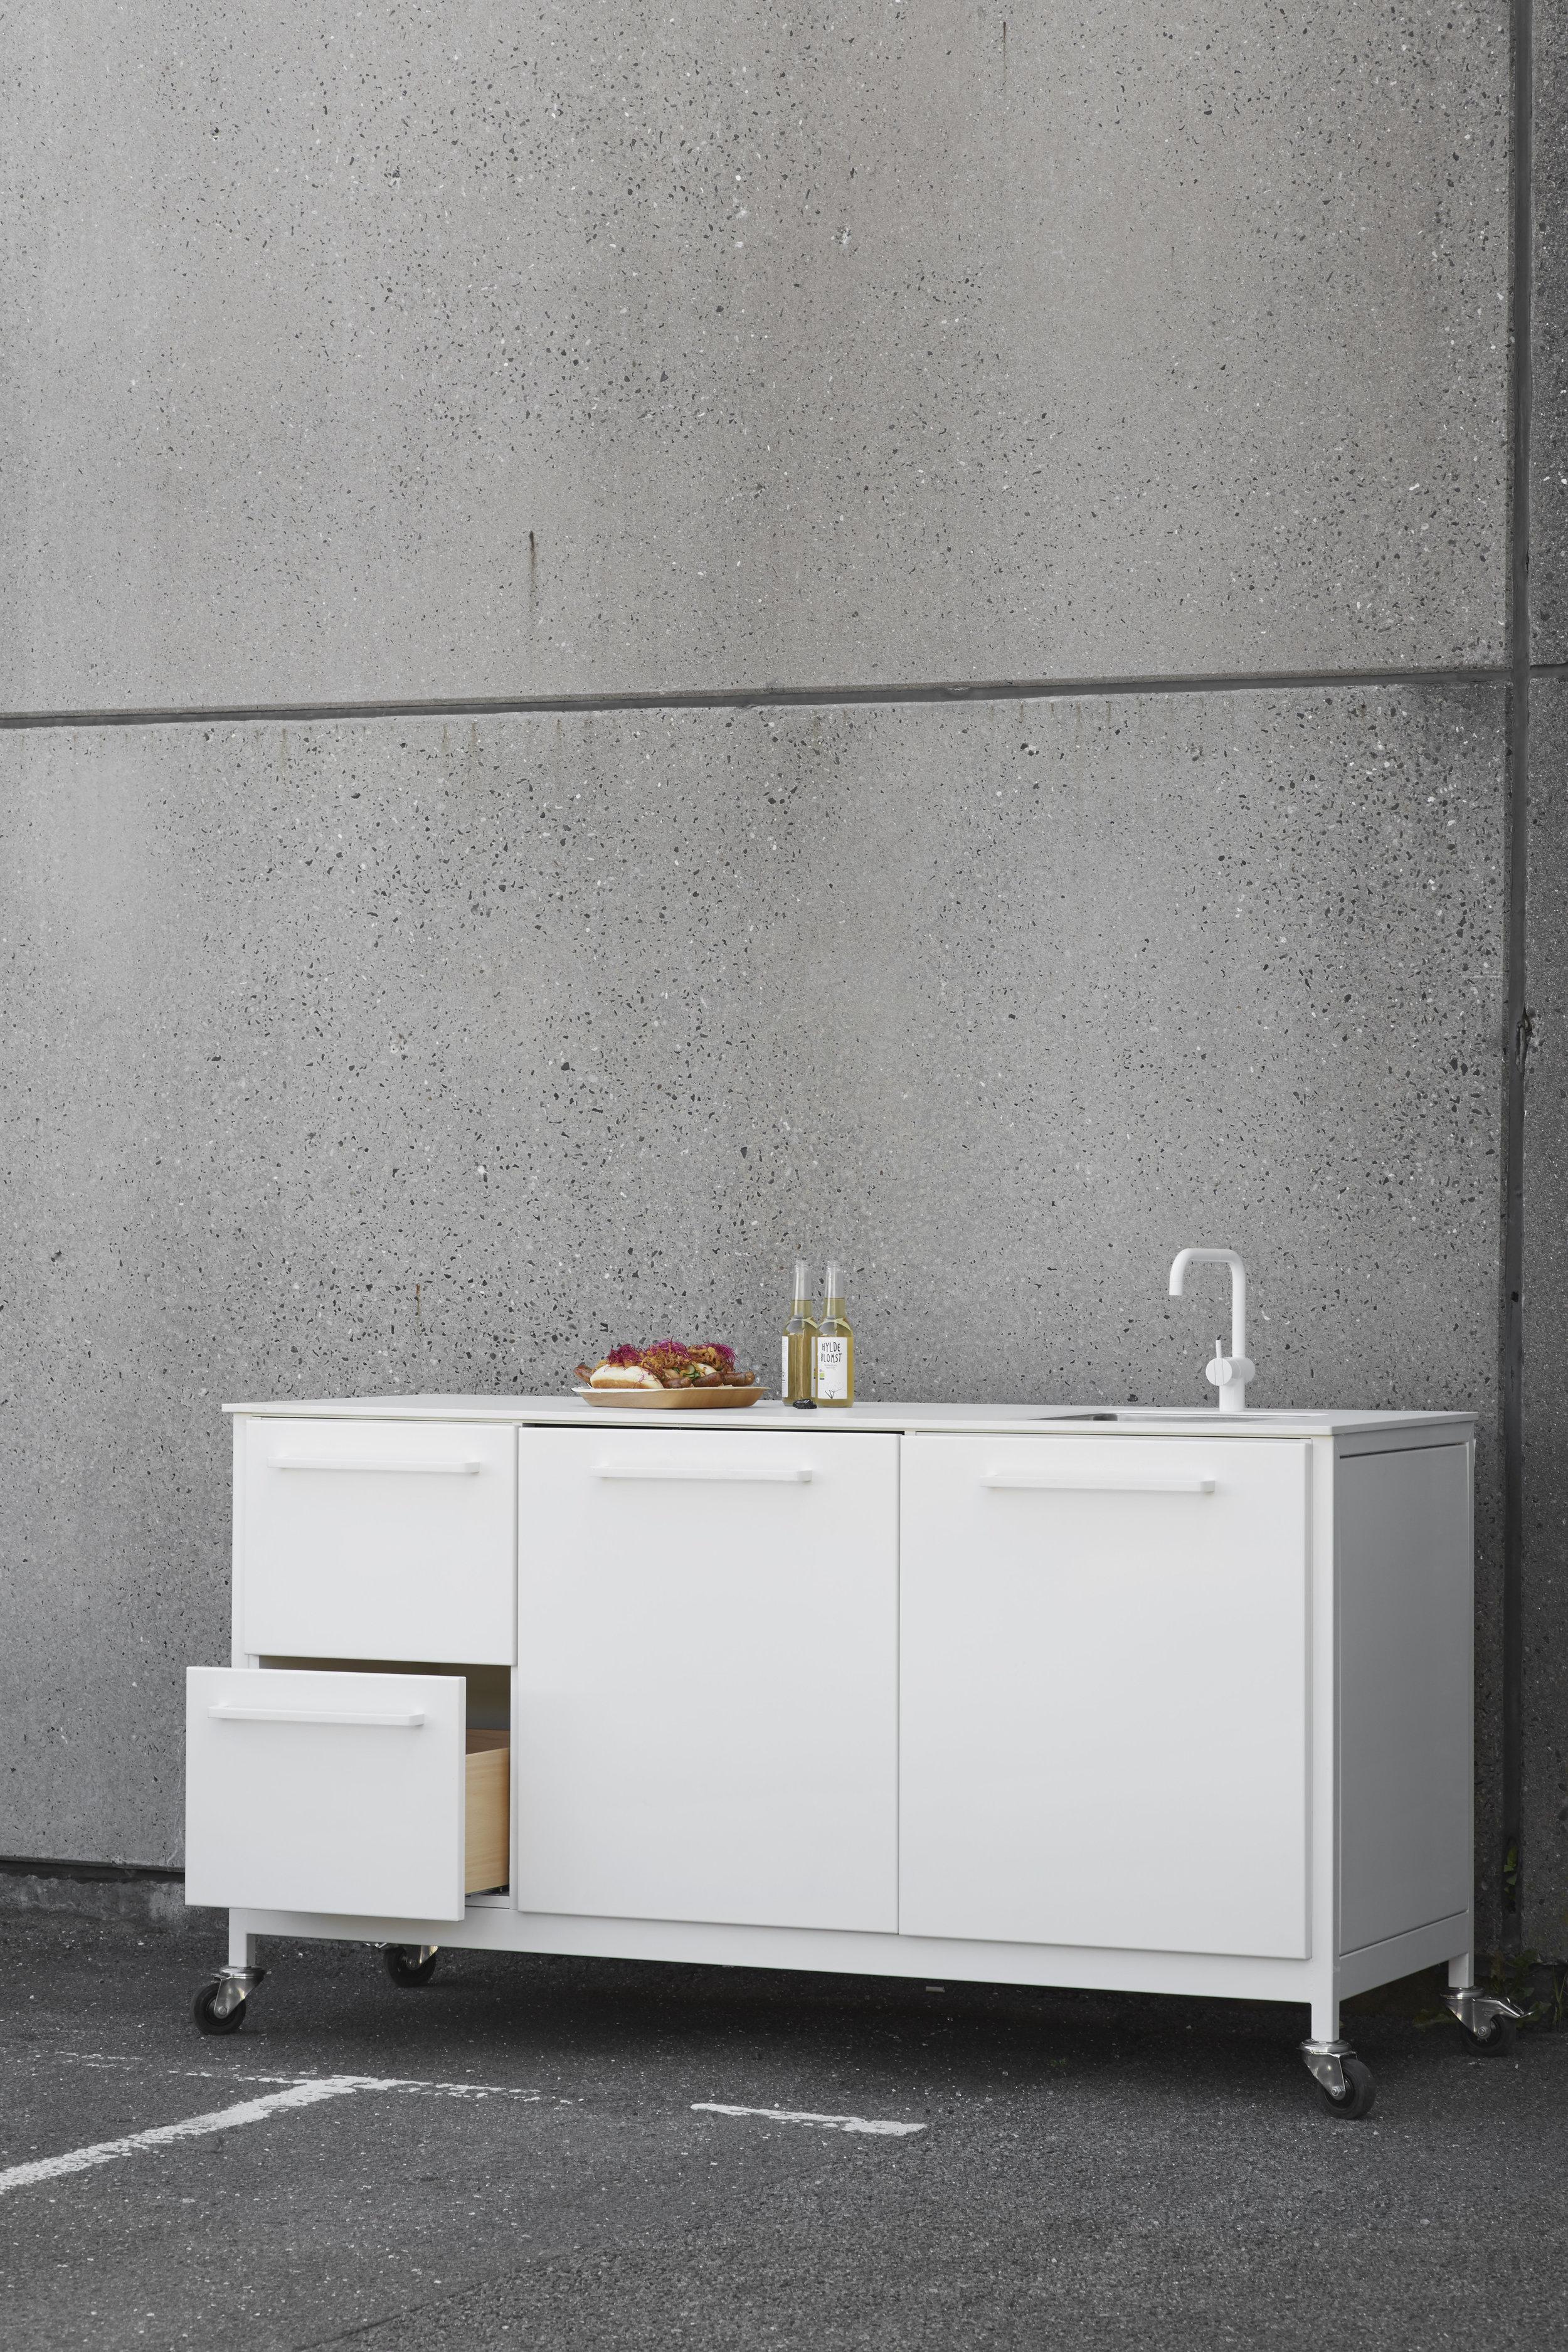 CPH-Square_travel kitchen-white.jpg